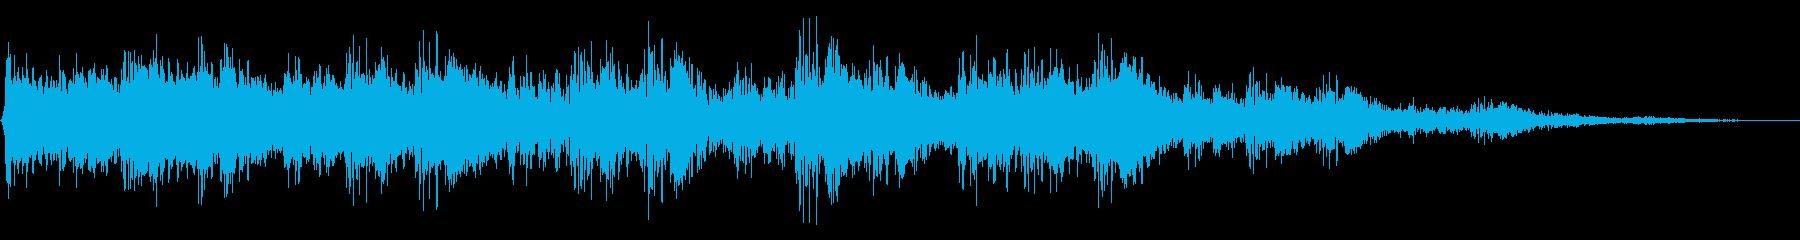 【宇宙・SF】シネマティックドローンの再生済みの波形